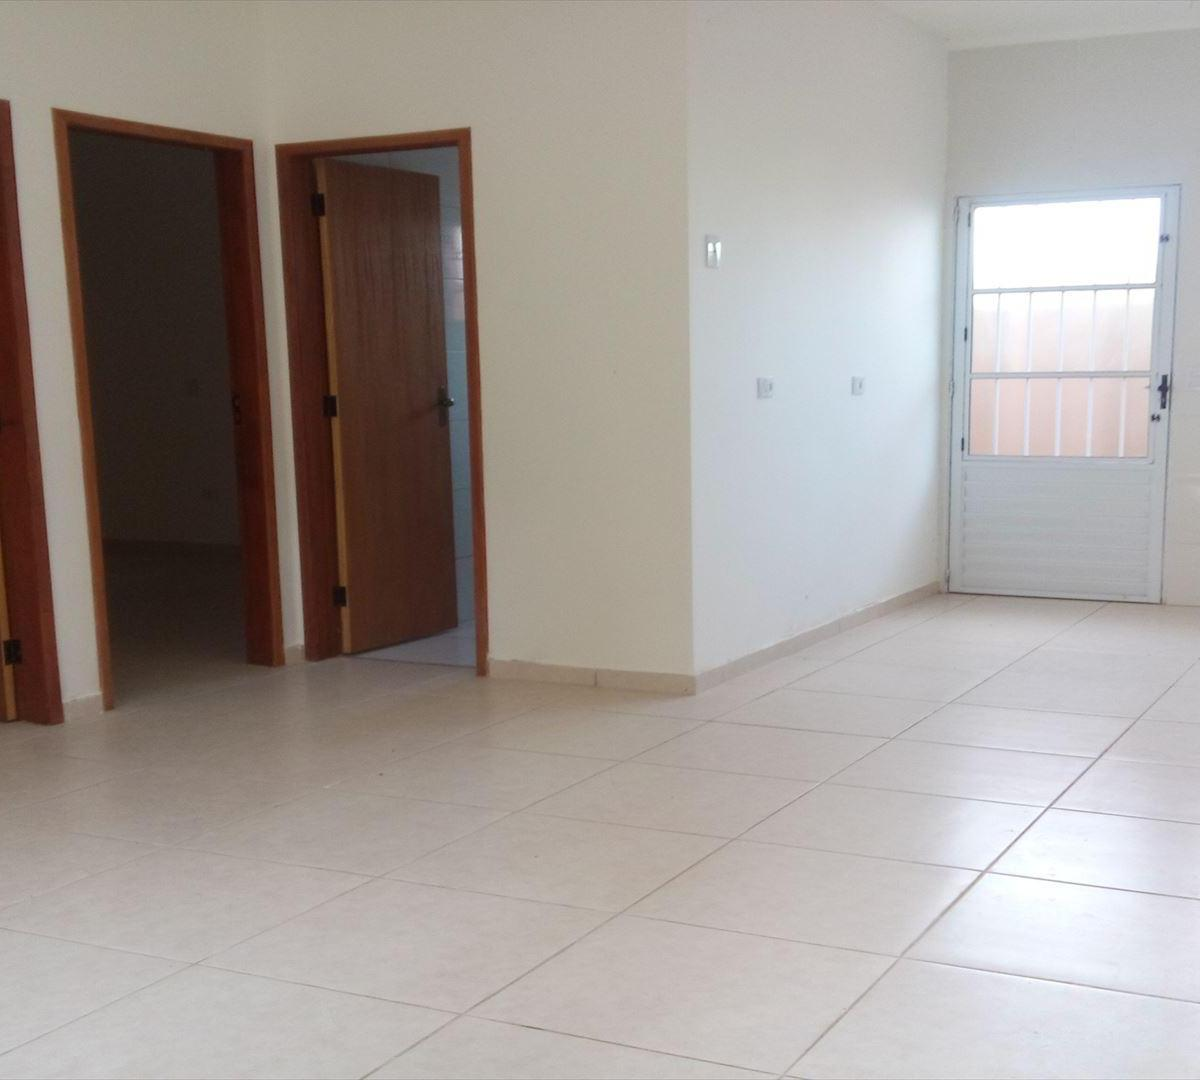 Imagens de #603B2B Casa à venda com 2 Quartos Botujuru Mogi das Cruzes R$ 155.000  1200x1080 px 2788 Box Banheiro Mogi Das Cruzes